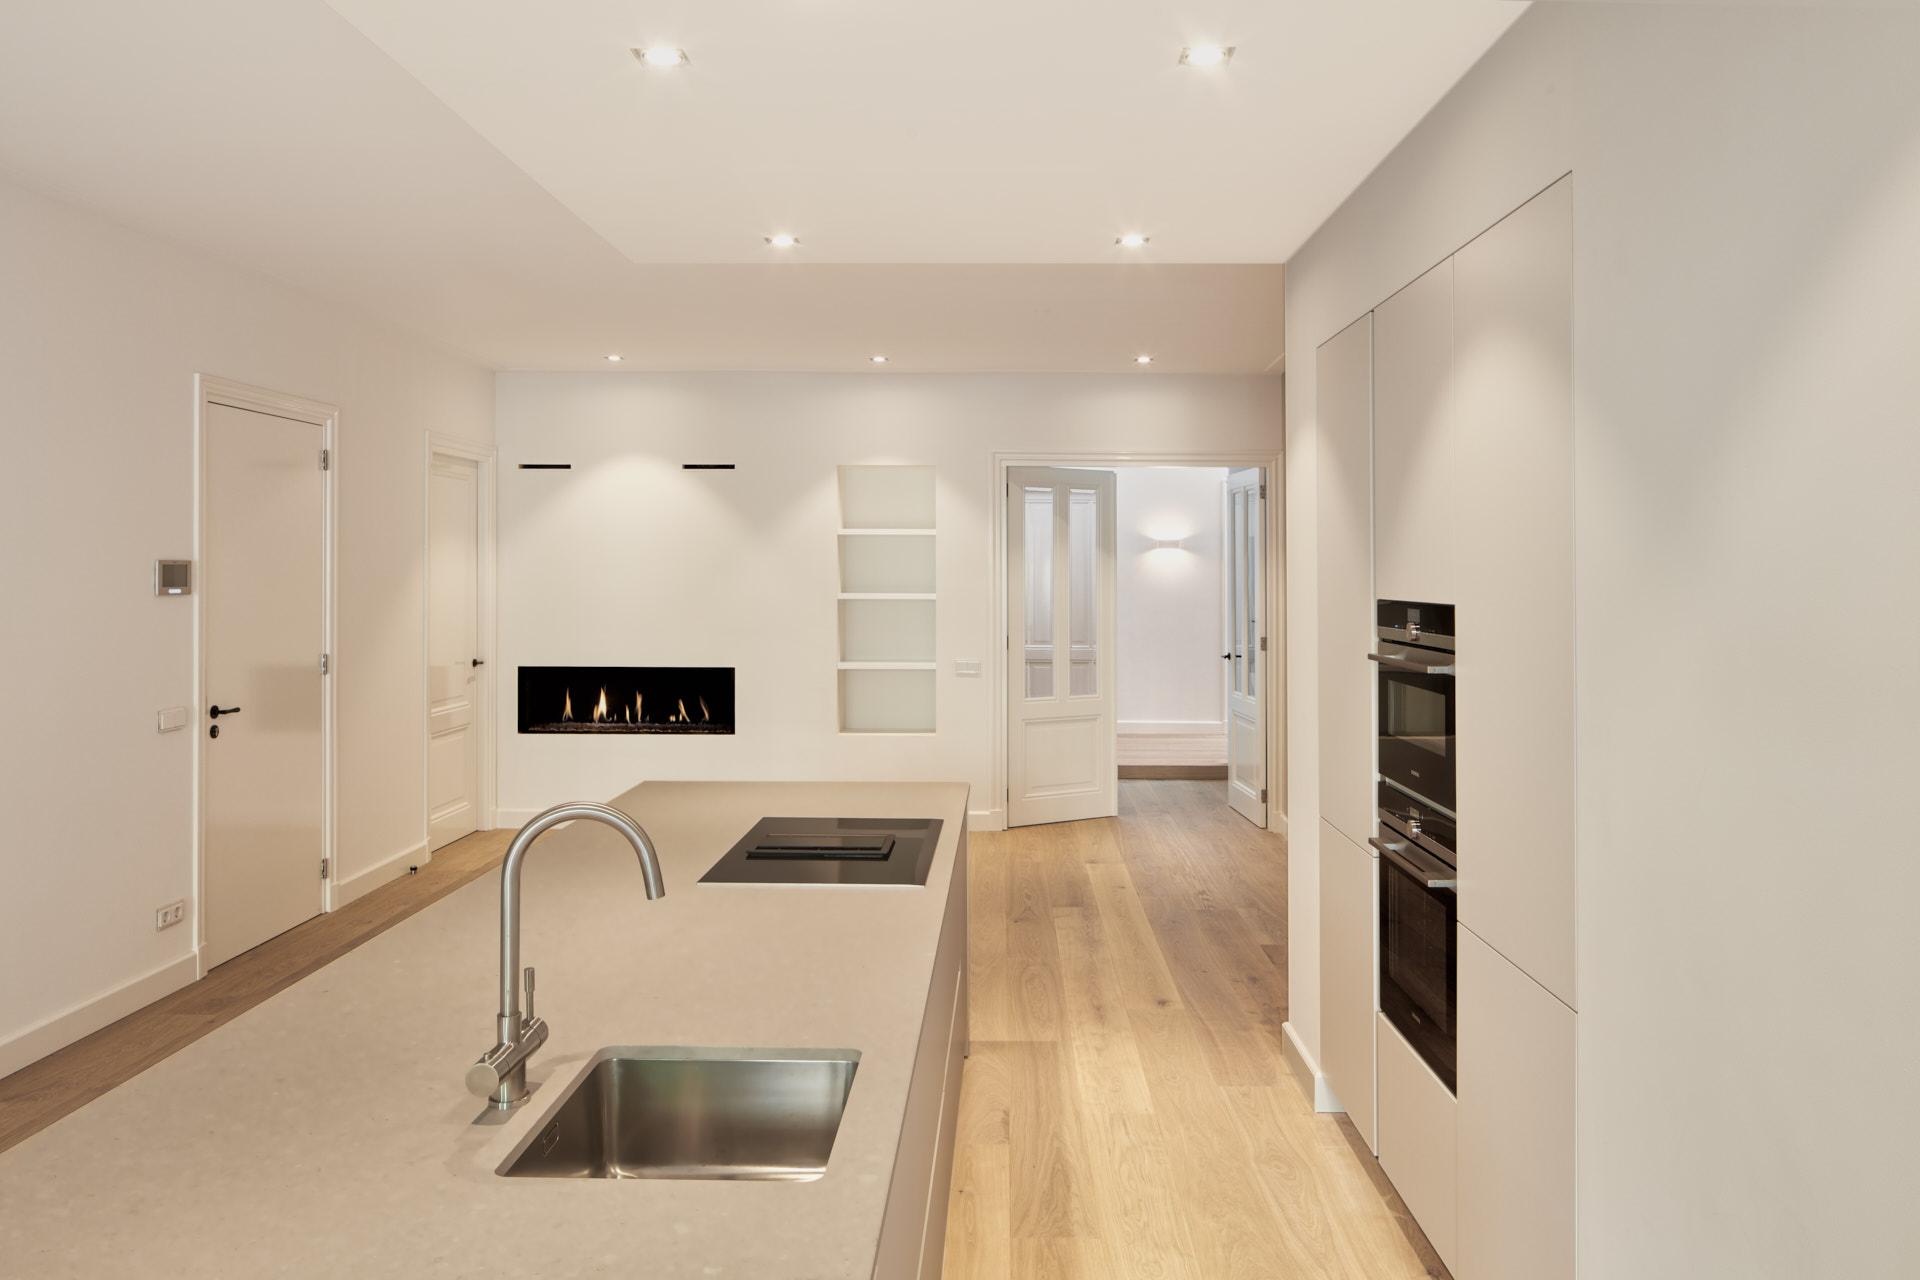 Interieurontwerp en renovatie van een loft appartement in het centrum van Amsterdam door architect Maxim Winkelaar.